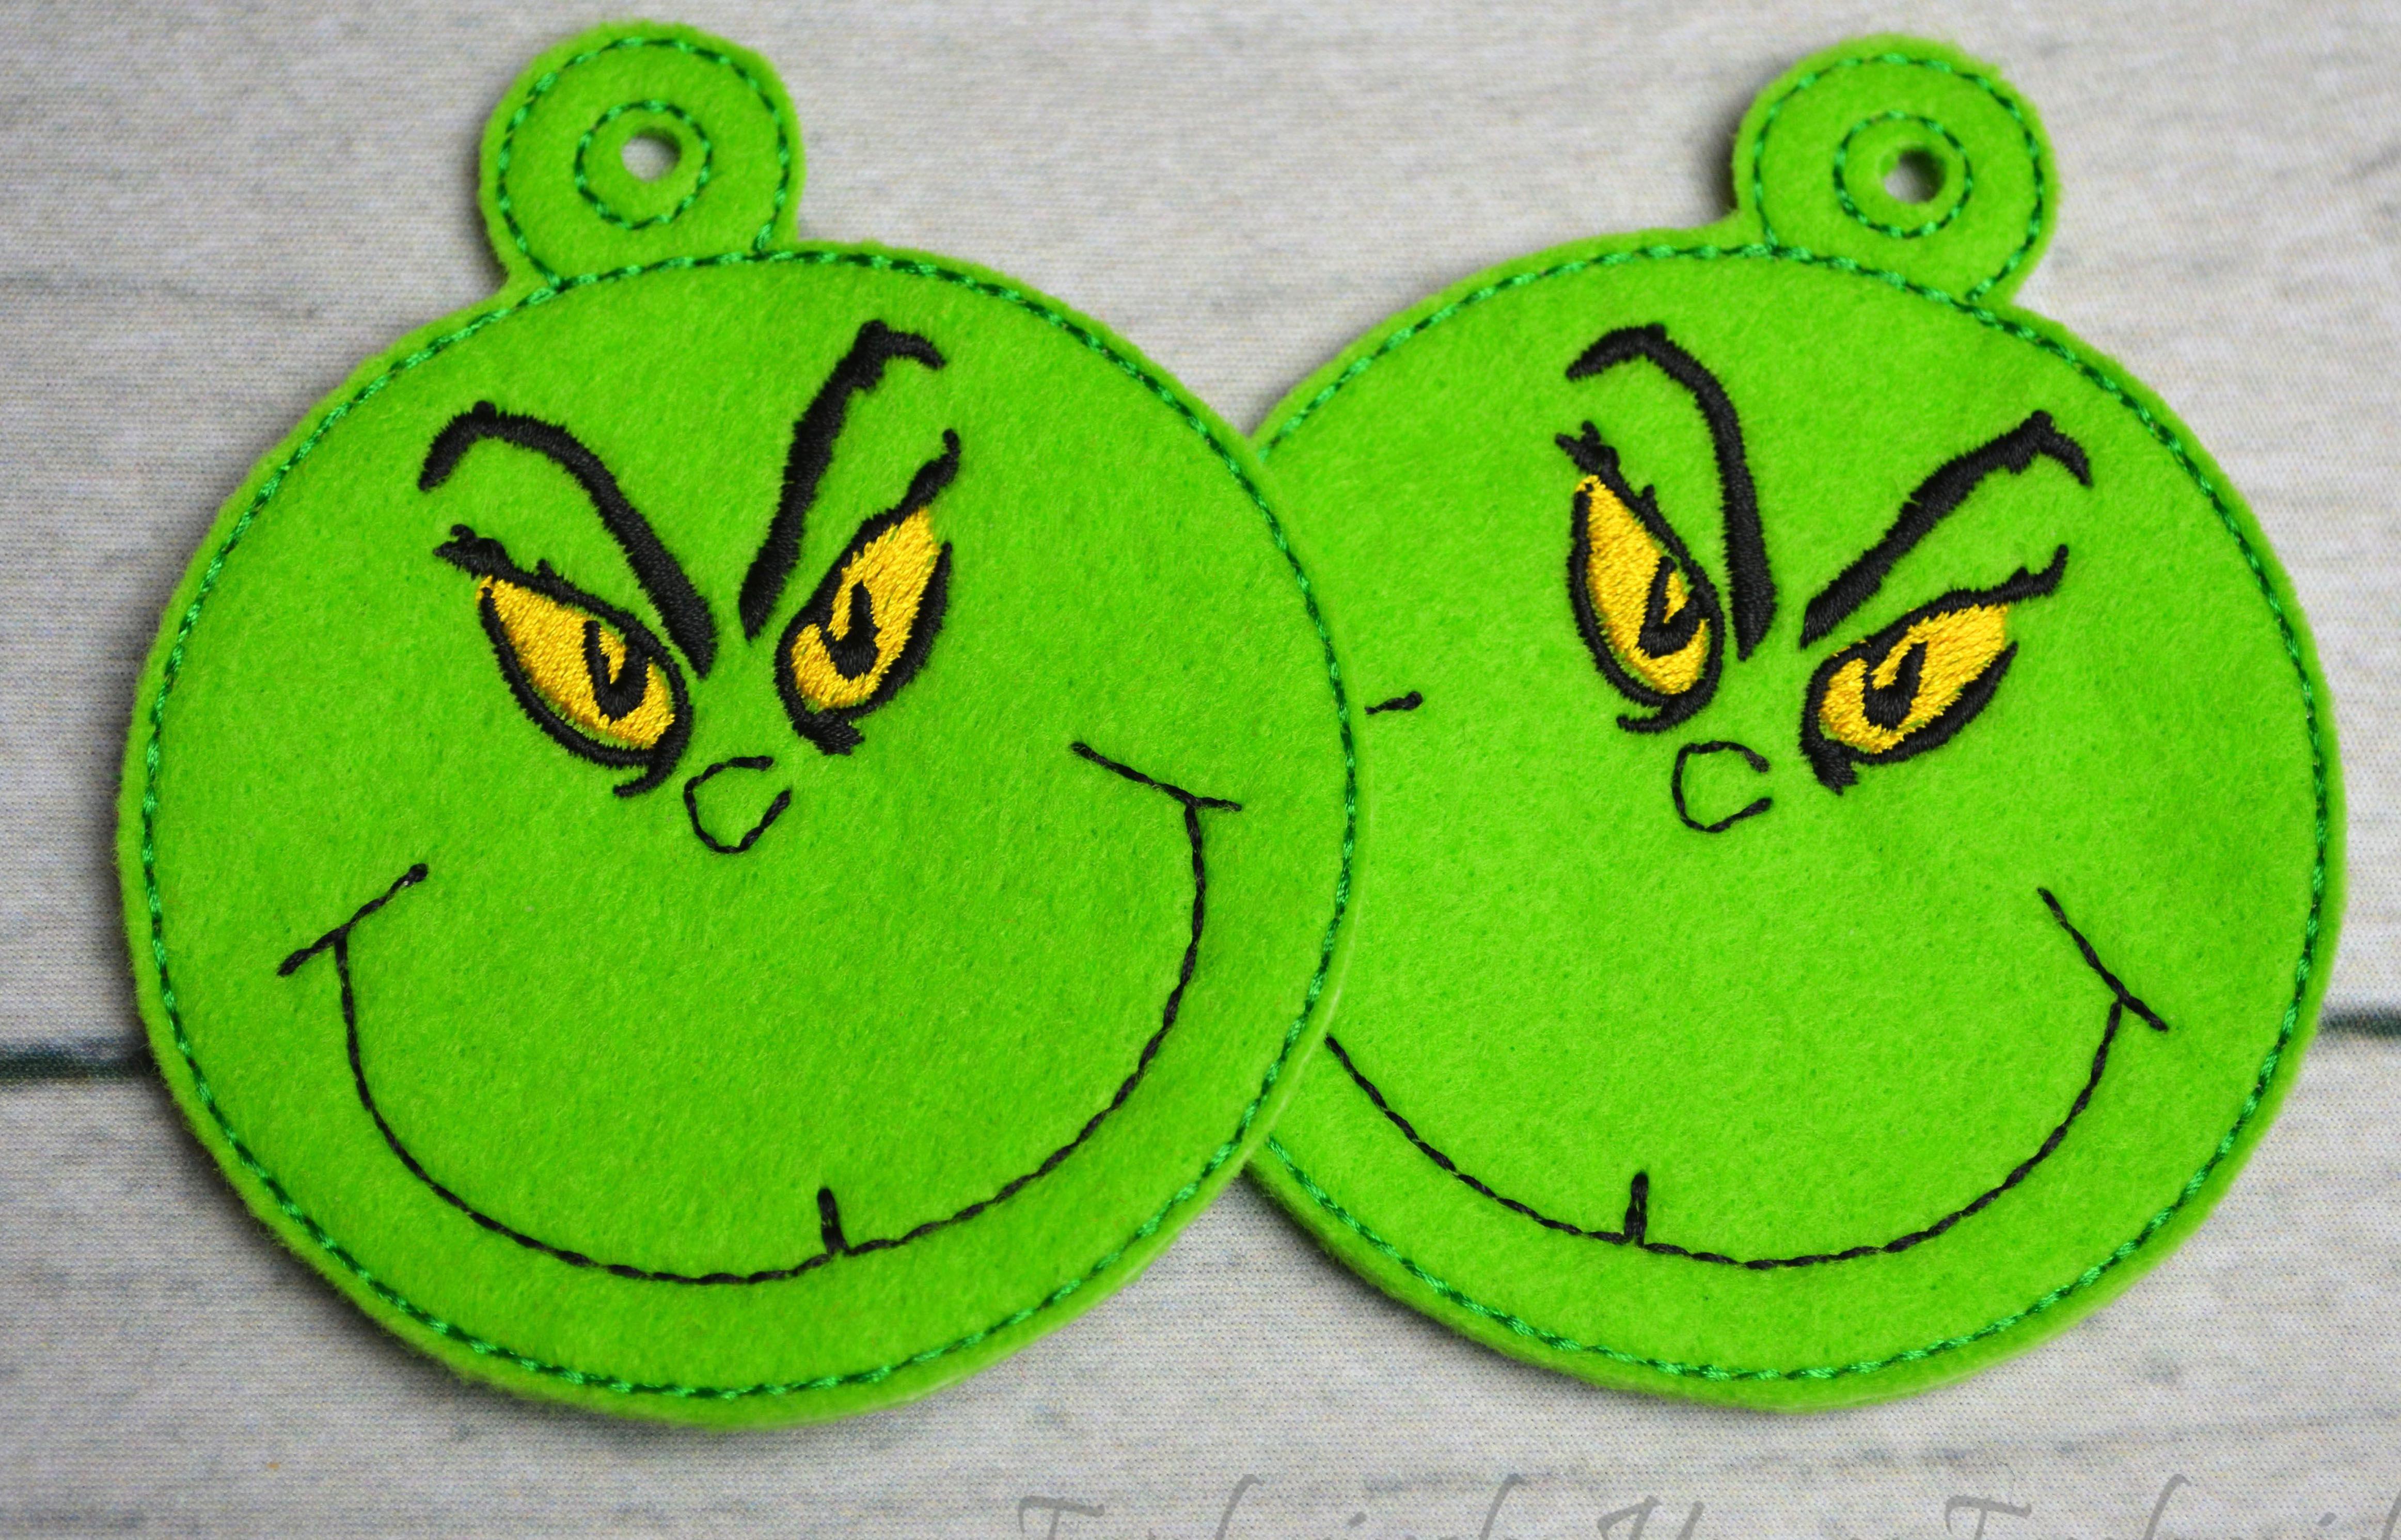 Grinch Ornament Grinch Crafts Felt Christmas Ornaments Grinch Ornaments